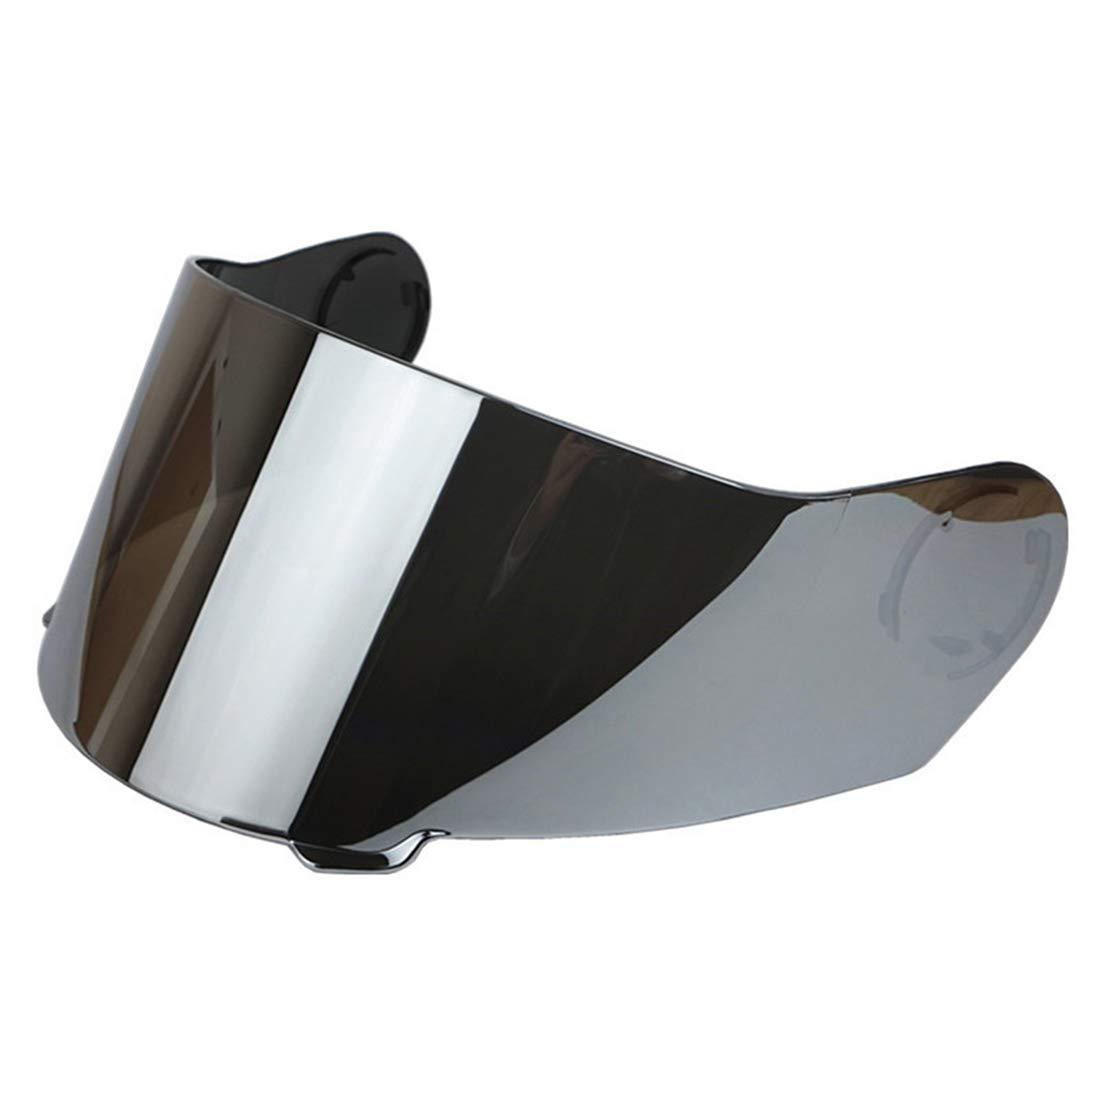 TORC T27 T27B Visor Replacement Vcan V270/V270B Motorcycle Helmet Shield Lens (sliver)